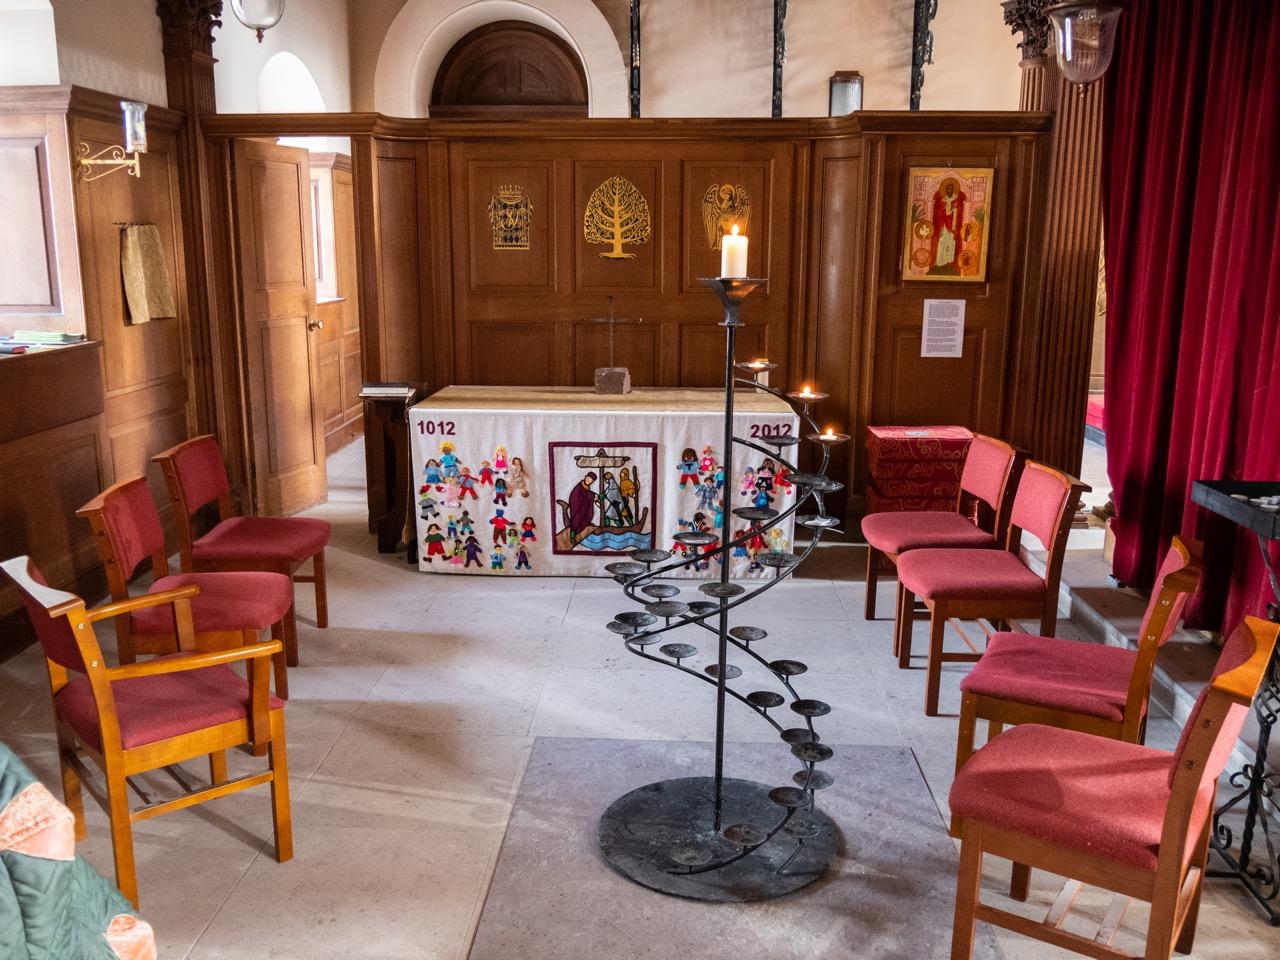 St.-Alfege-Kapelle